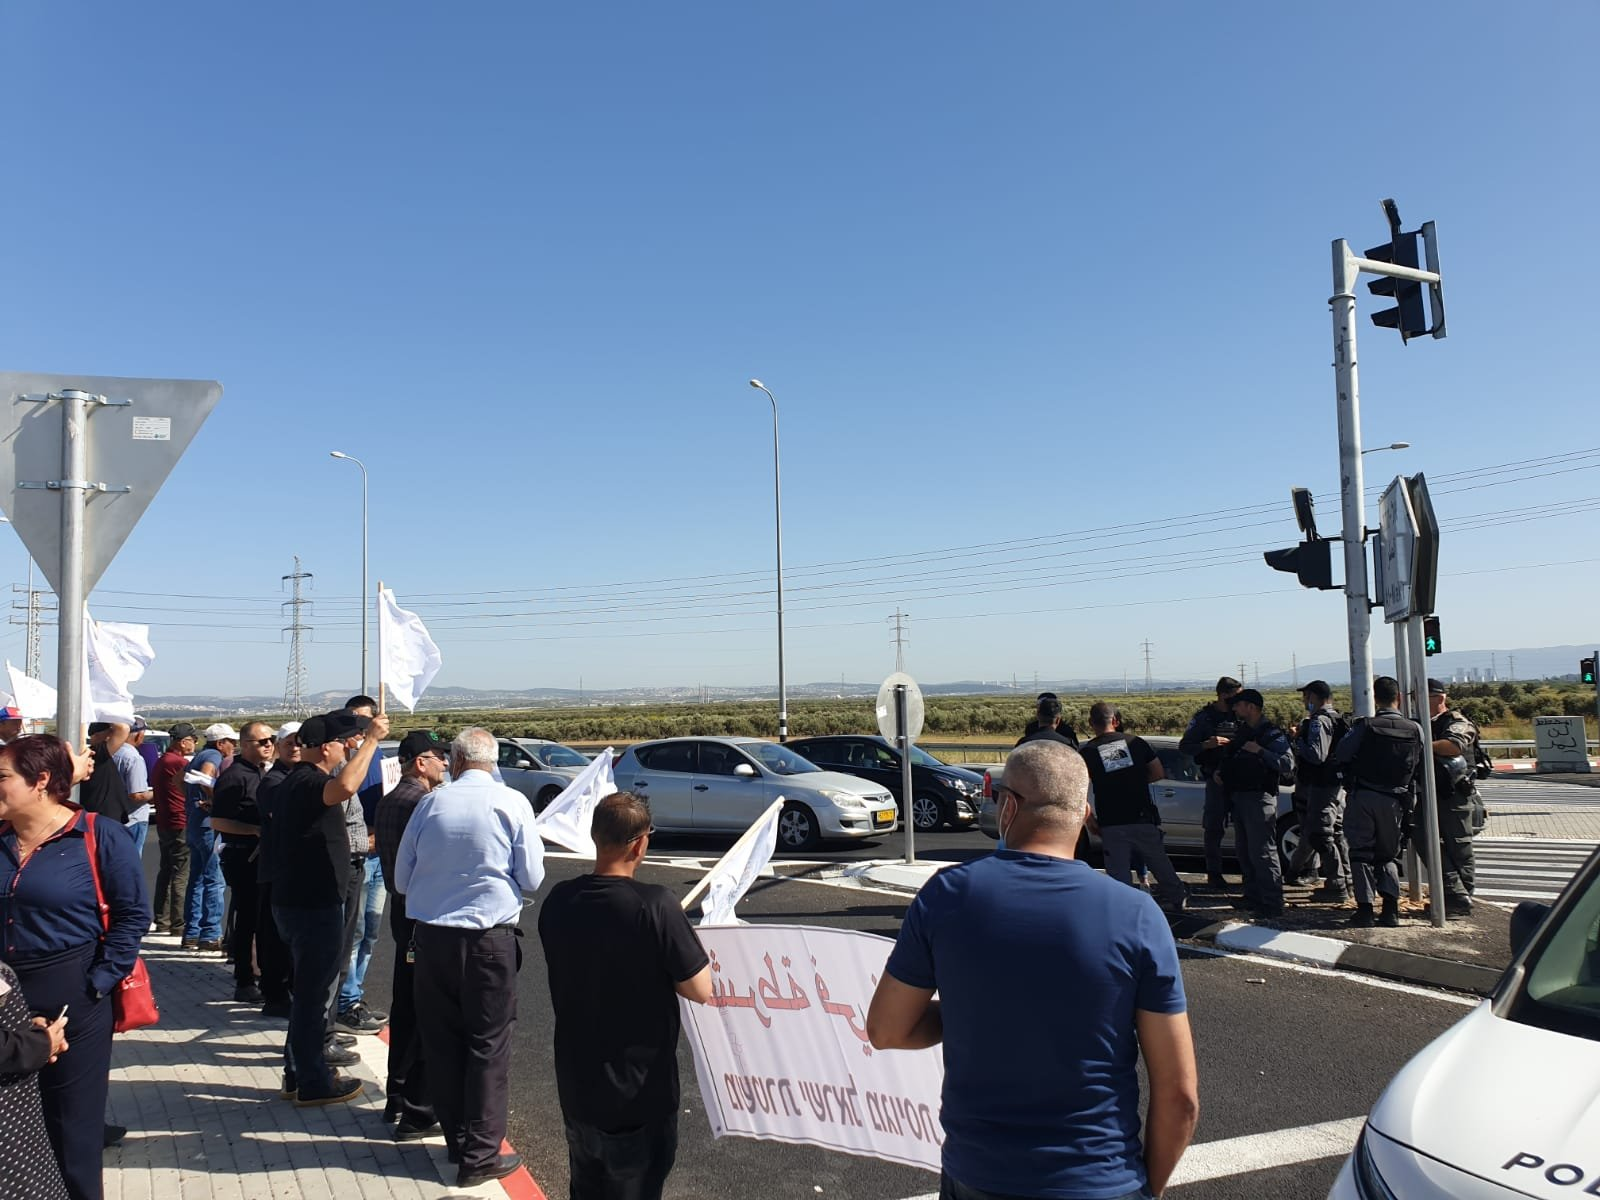 اعتقالات في مظاهرة ضد مصادرة اراضي في الجديدة- المكر-0